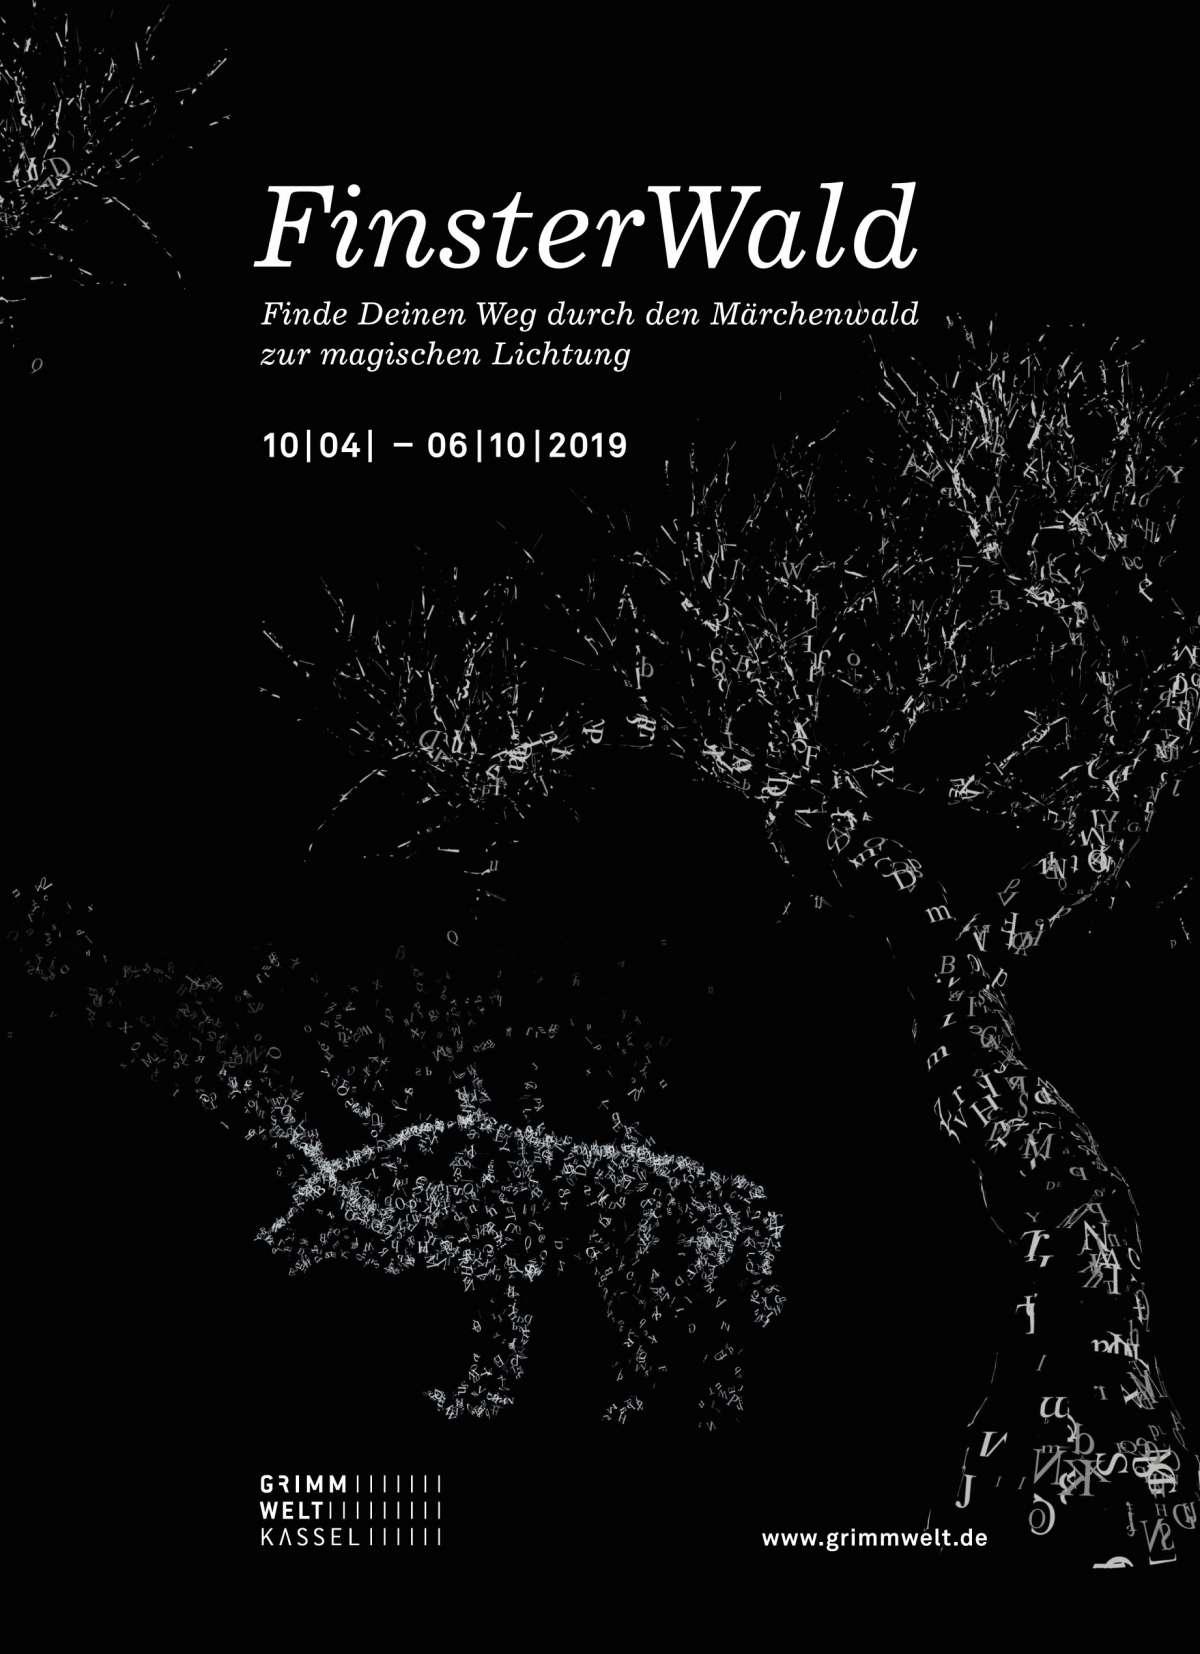 Veranstaltungen & Events am »Mittwoch, 02. Oktober 2019« in deiner Nähe...